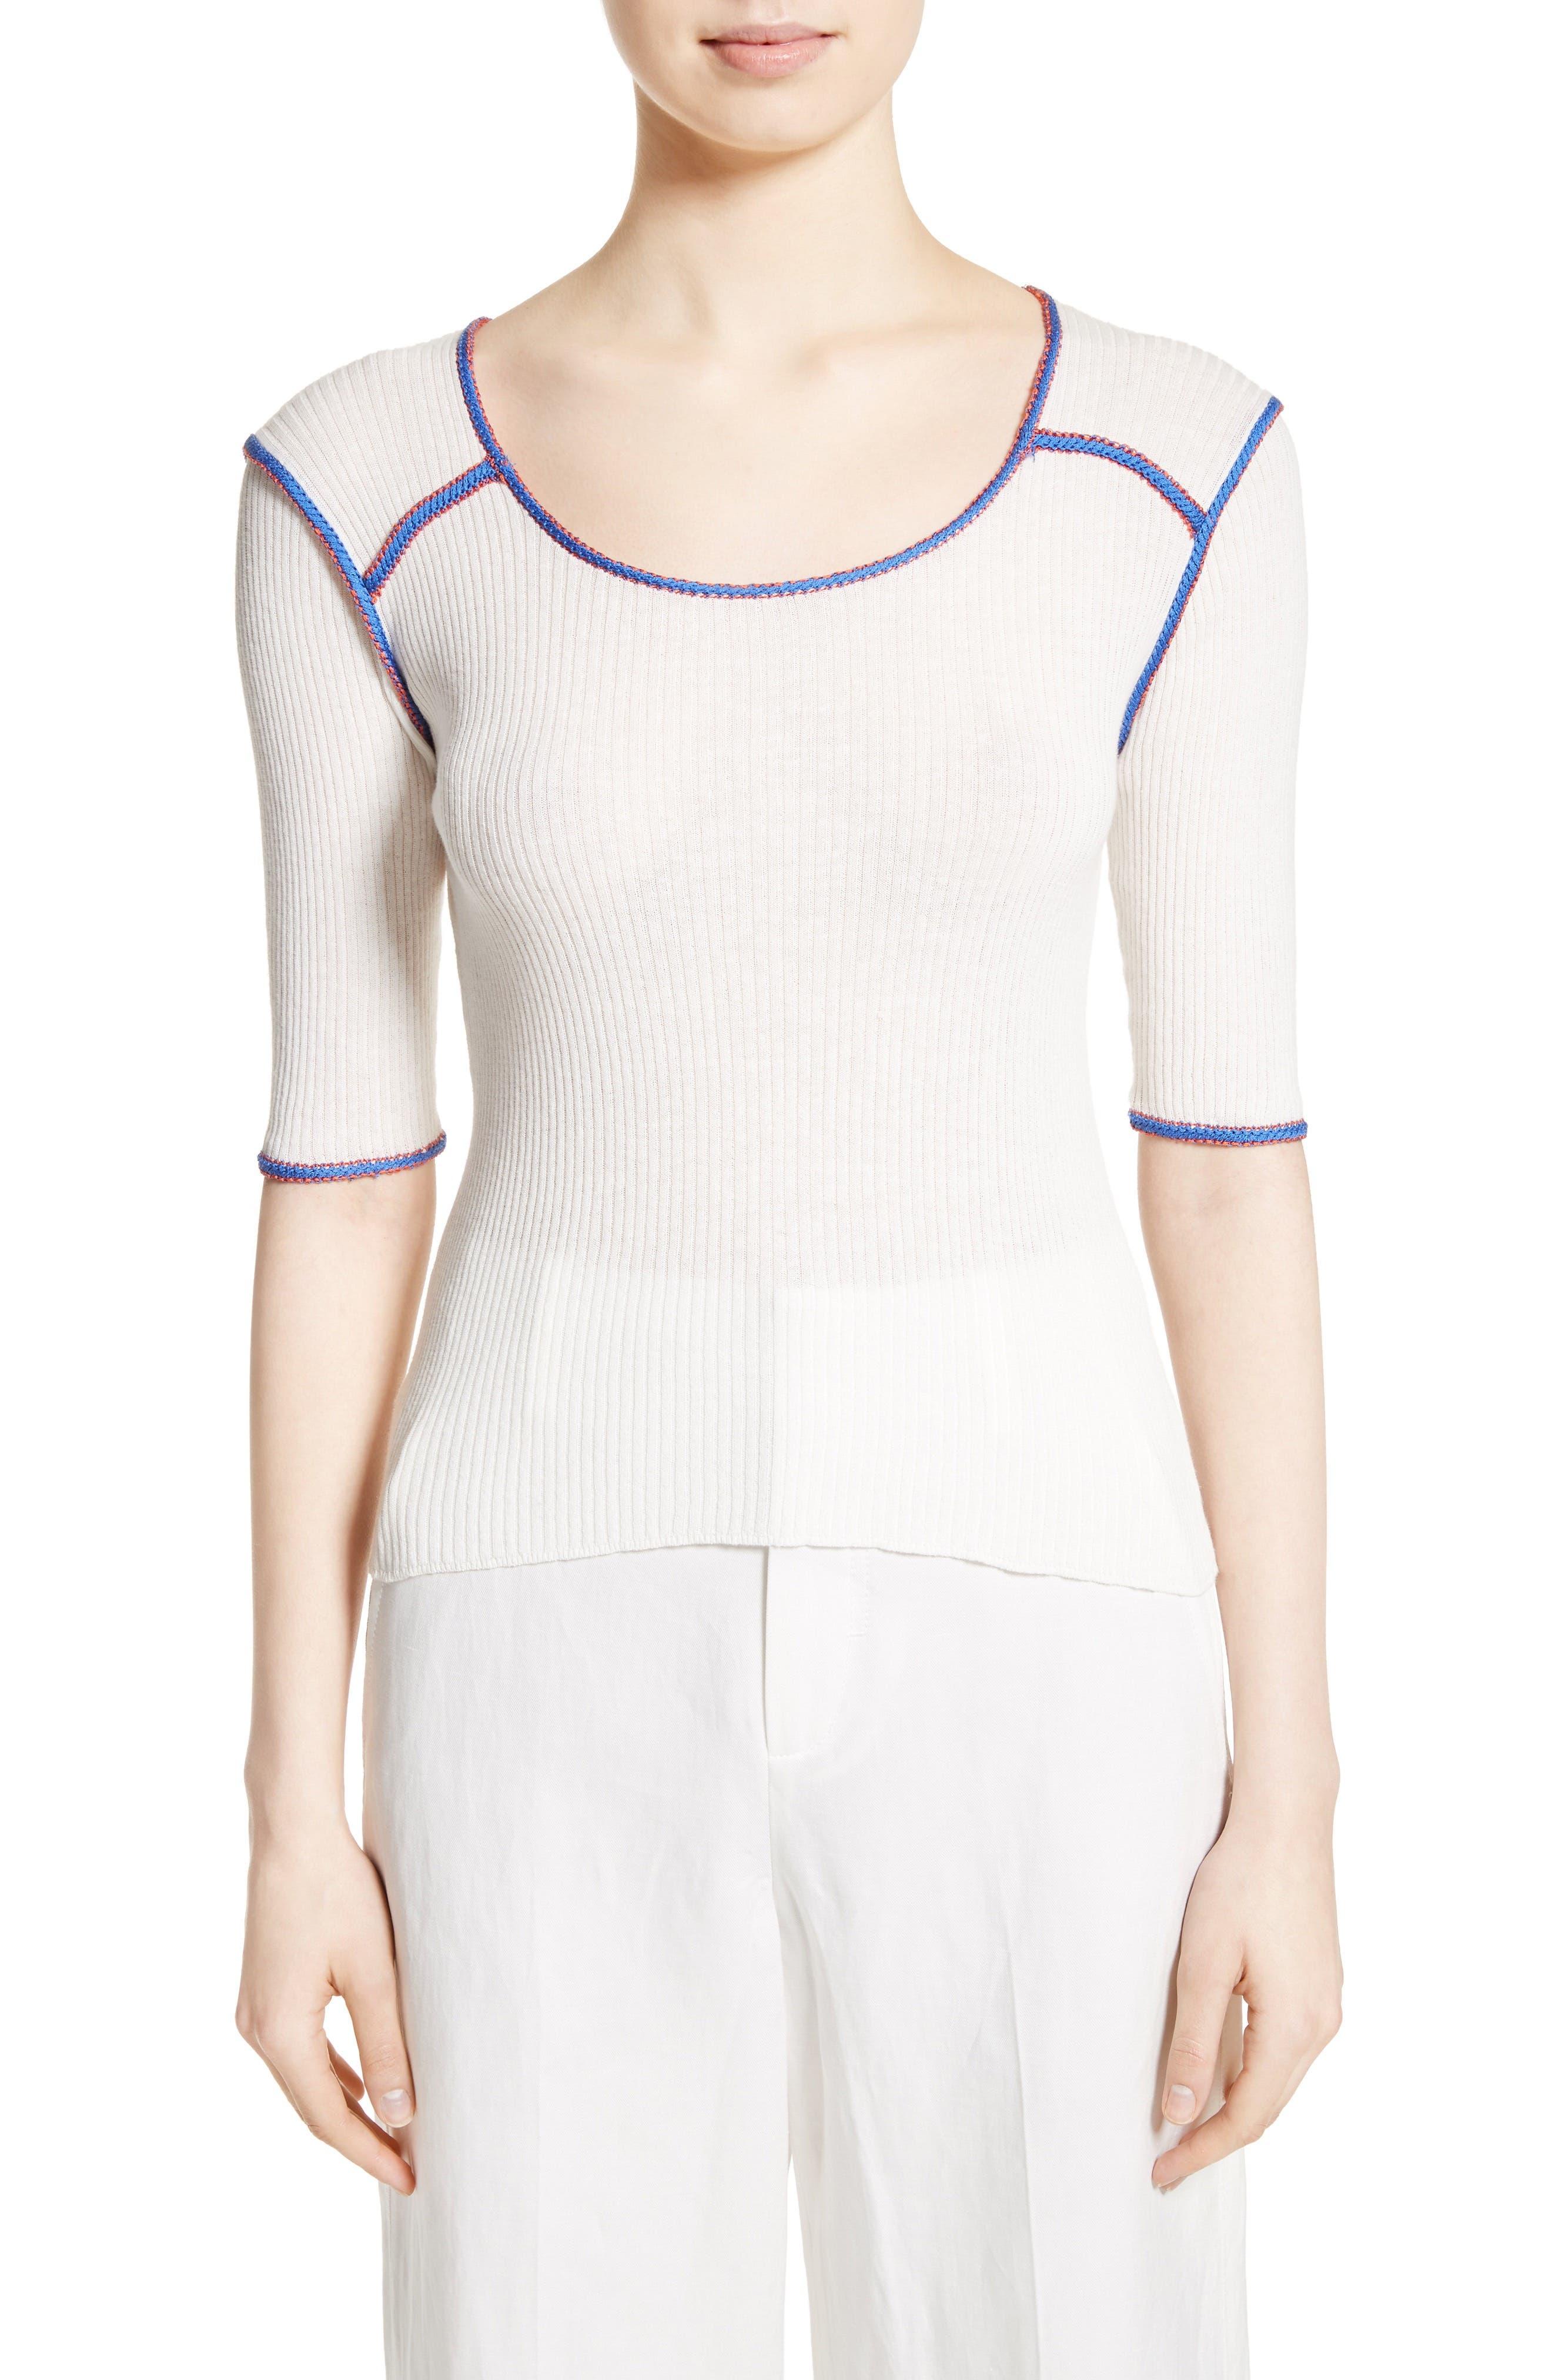 APIECE APART Sania Knit Cotton Top